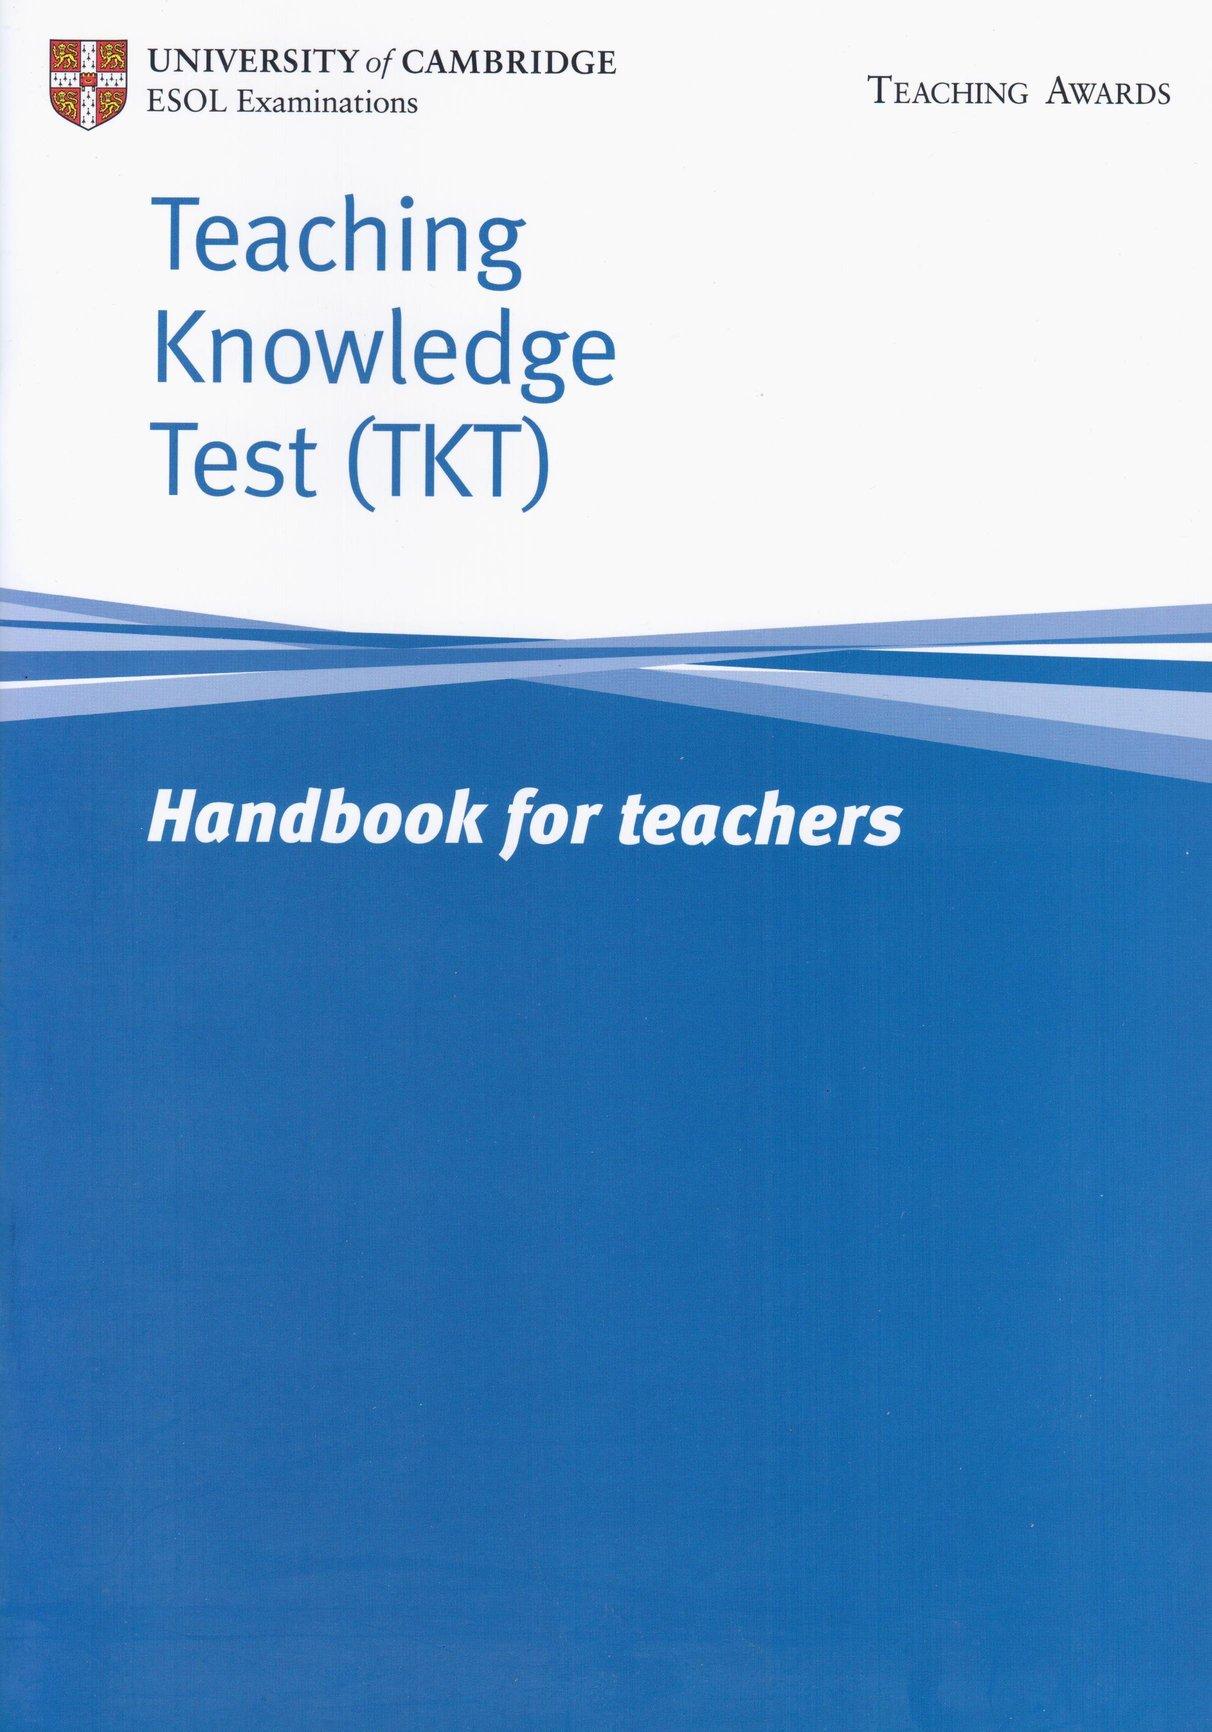 module 1 exam